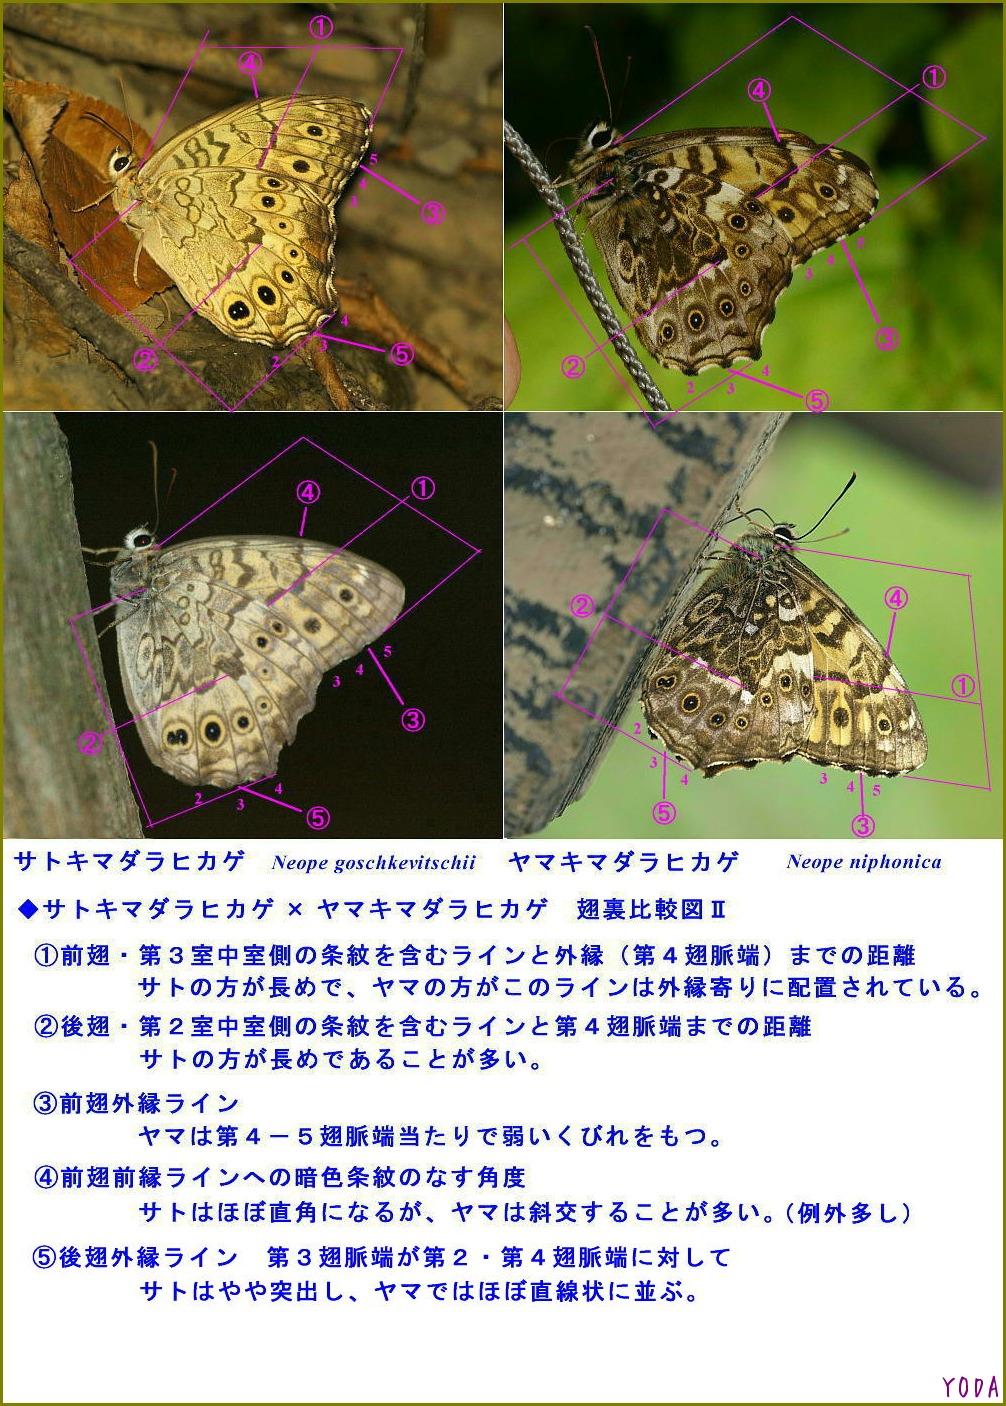 サトキマダラヒカゲ × ヤマキマダラヒカゲ 翅裏比較図Ⅱ_a0146869_22514873.jpg